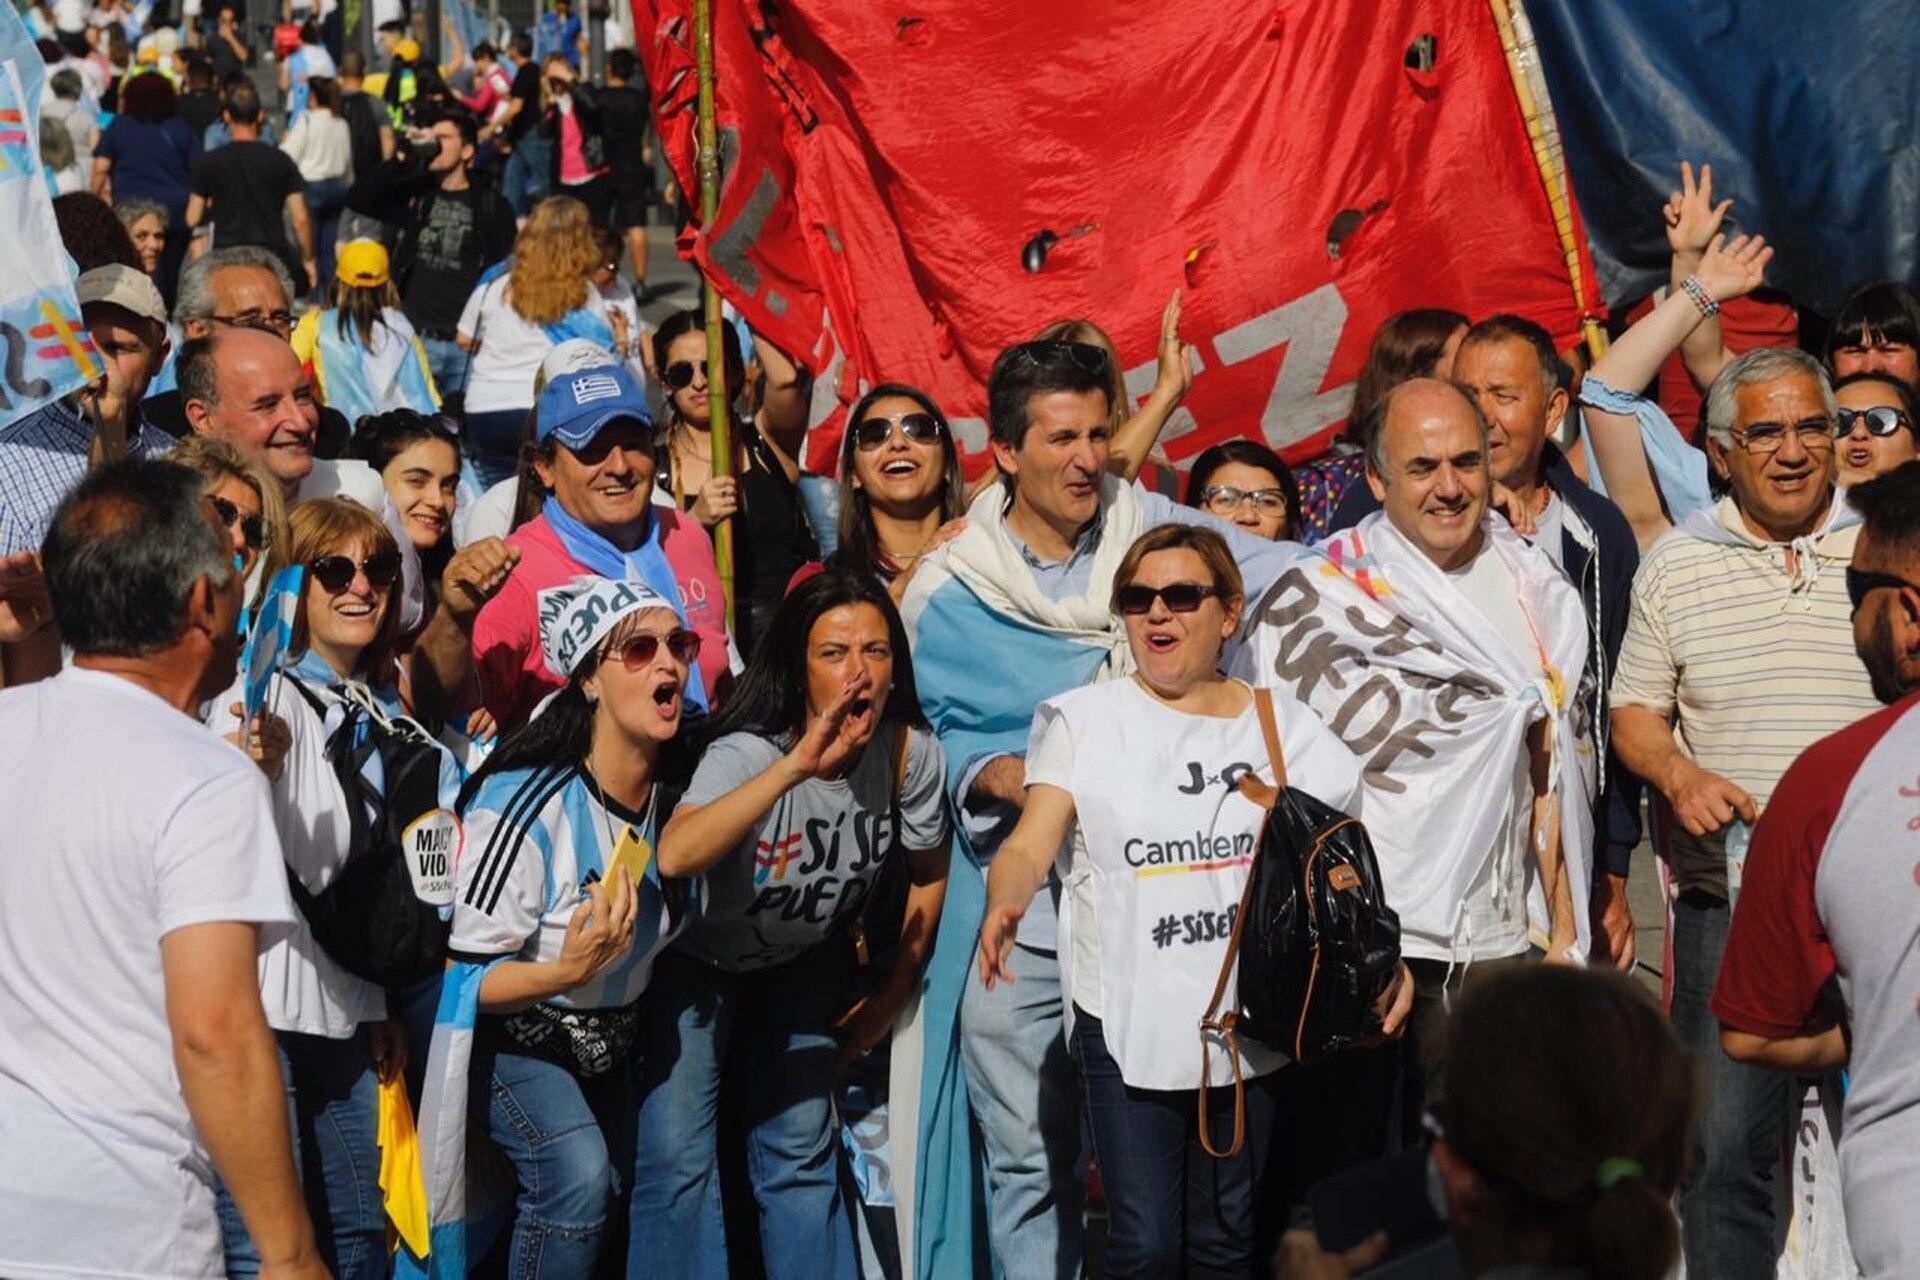 Con banderas celestes y blancas y carteles con leyendas en apoyo al presidente, grupos de manifestantes, en familia o en grupos de amigos, llegaban a la avenida 9 de Julio